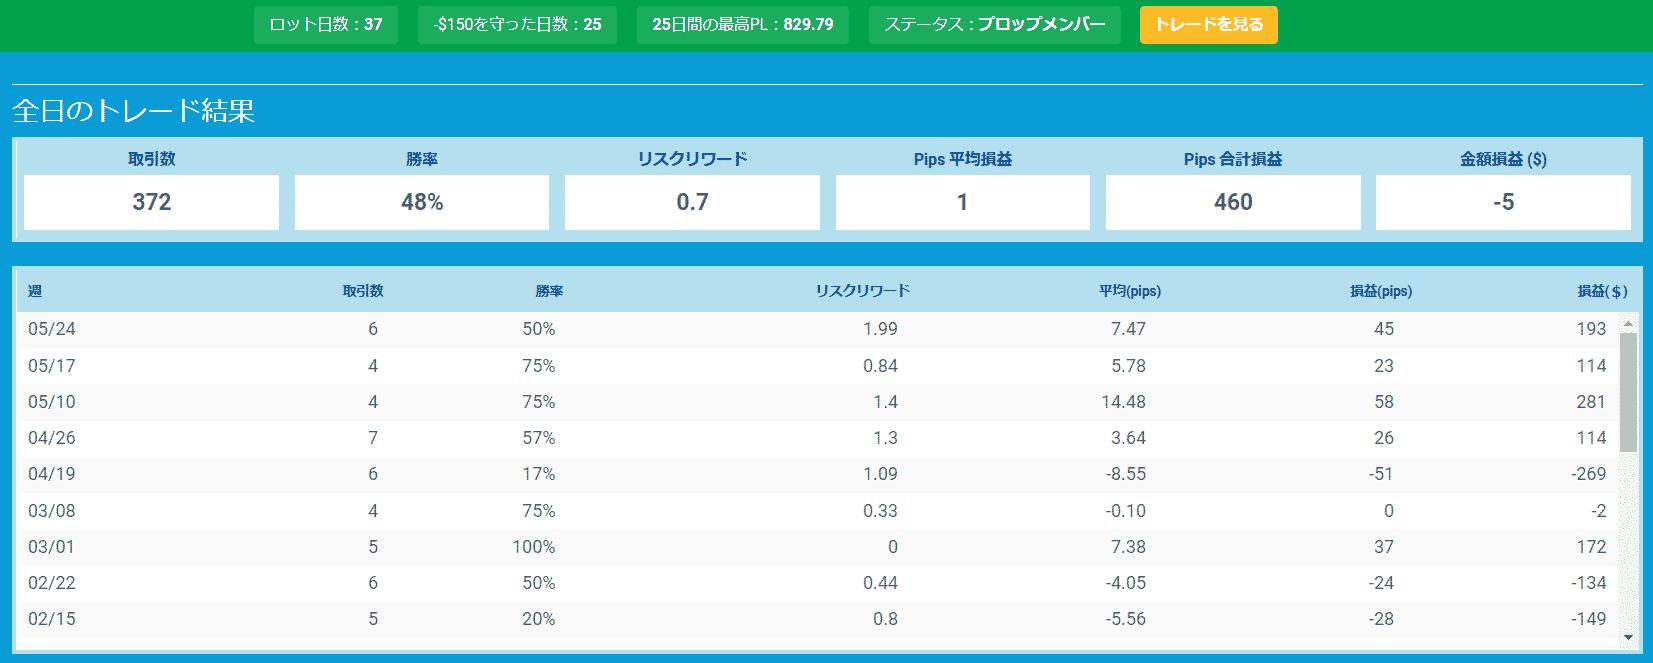 プロップトレーダーチャートMasaki1